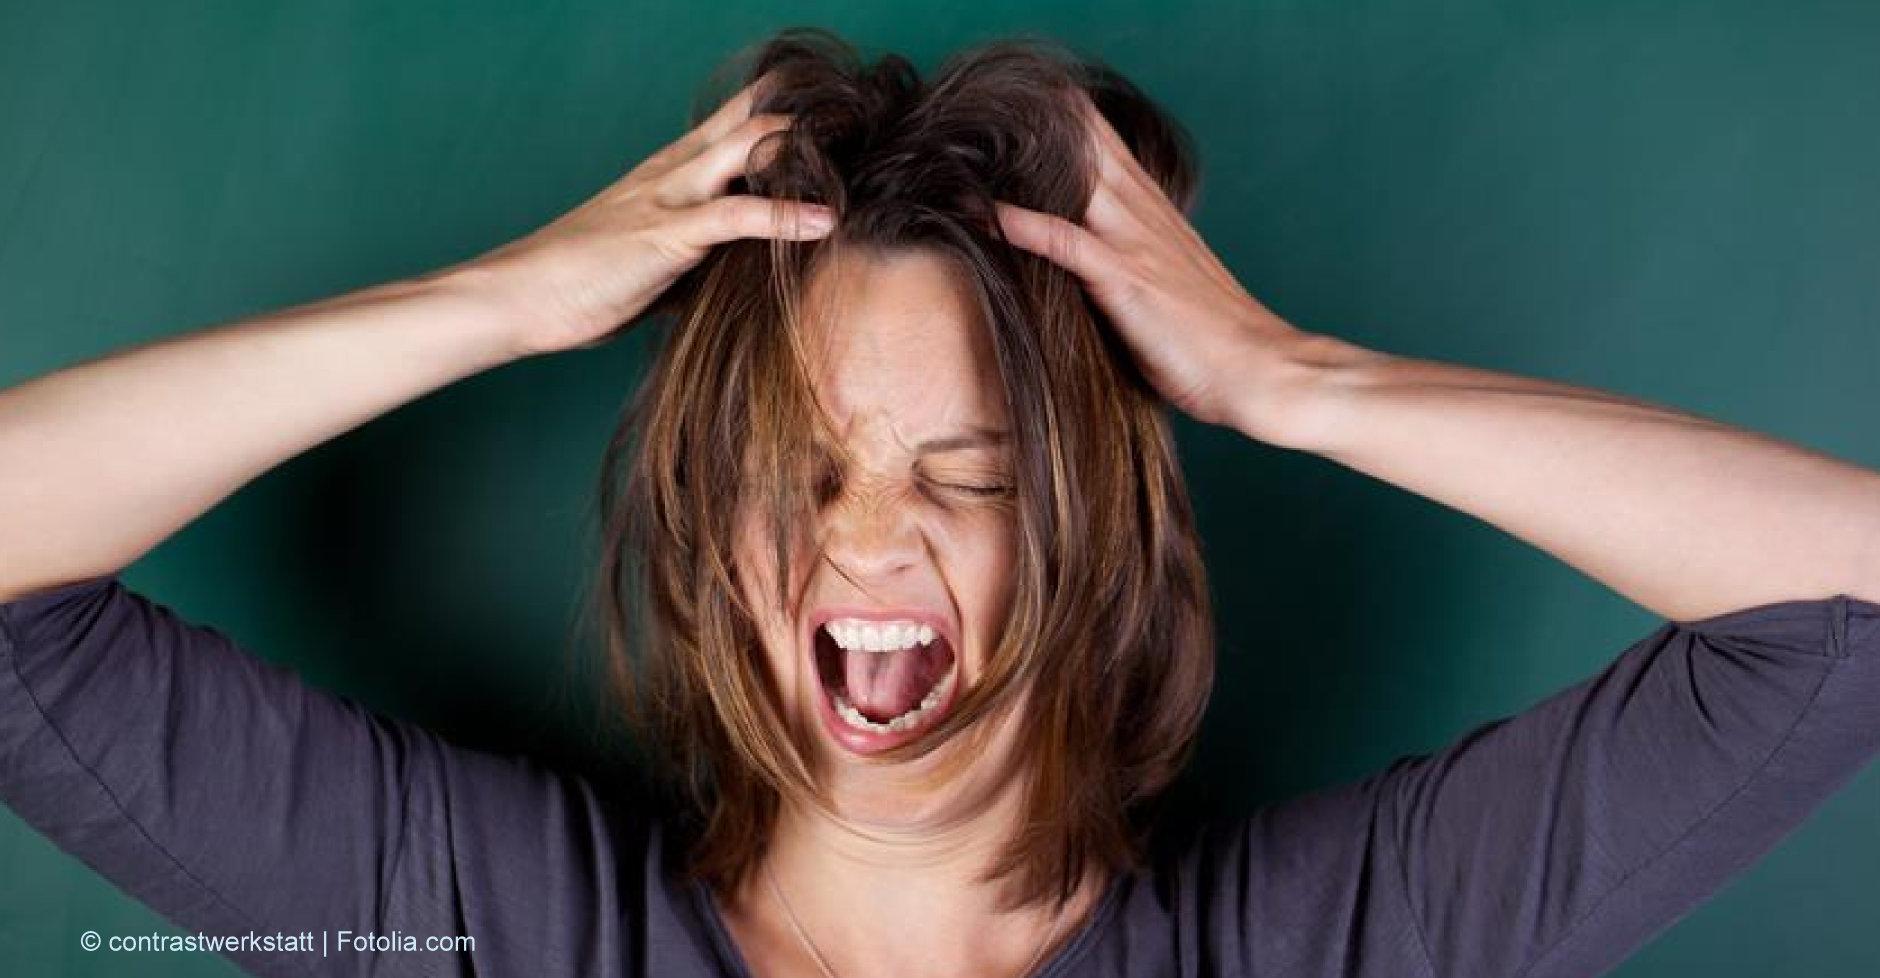 Lärm stellt sich häufig als eine große Herausforderung für Erzieher dar.